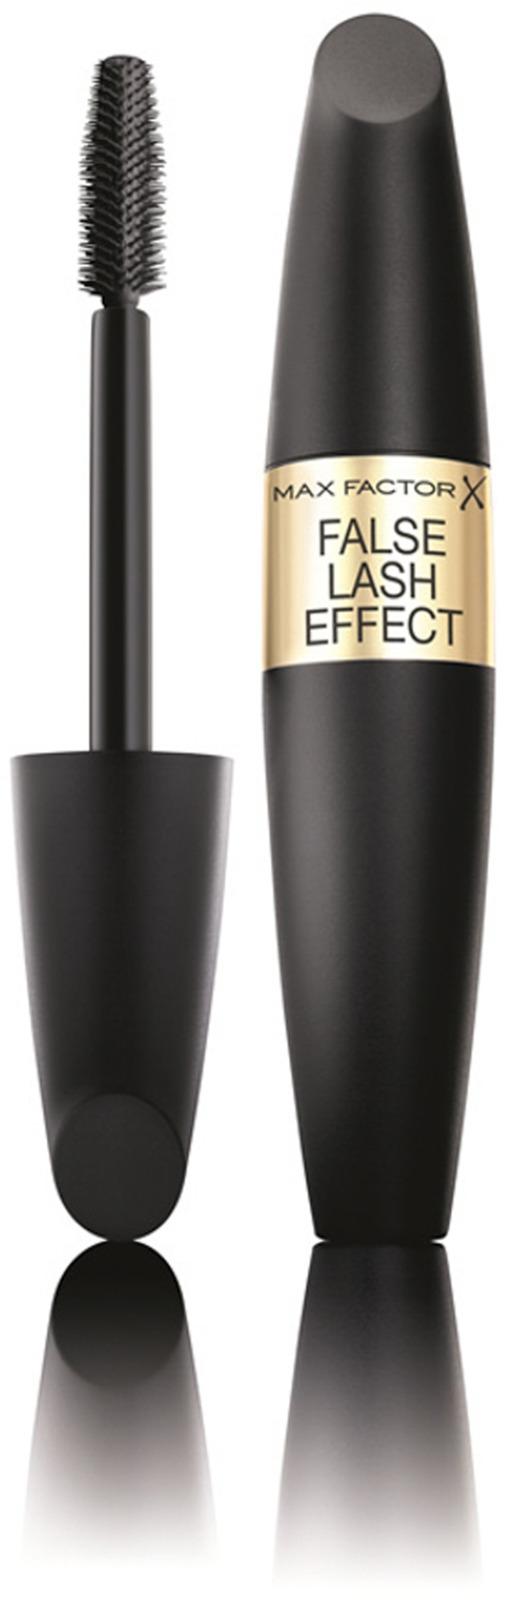 цены на Max Factor Тушь Для Ресниц С Эффектом Накладных Ресниц False Lash Effect Full Lashes Natural Look Mascara Deep blue 13.1 мл  в интернет-магазинах